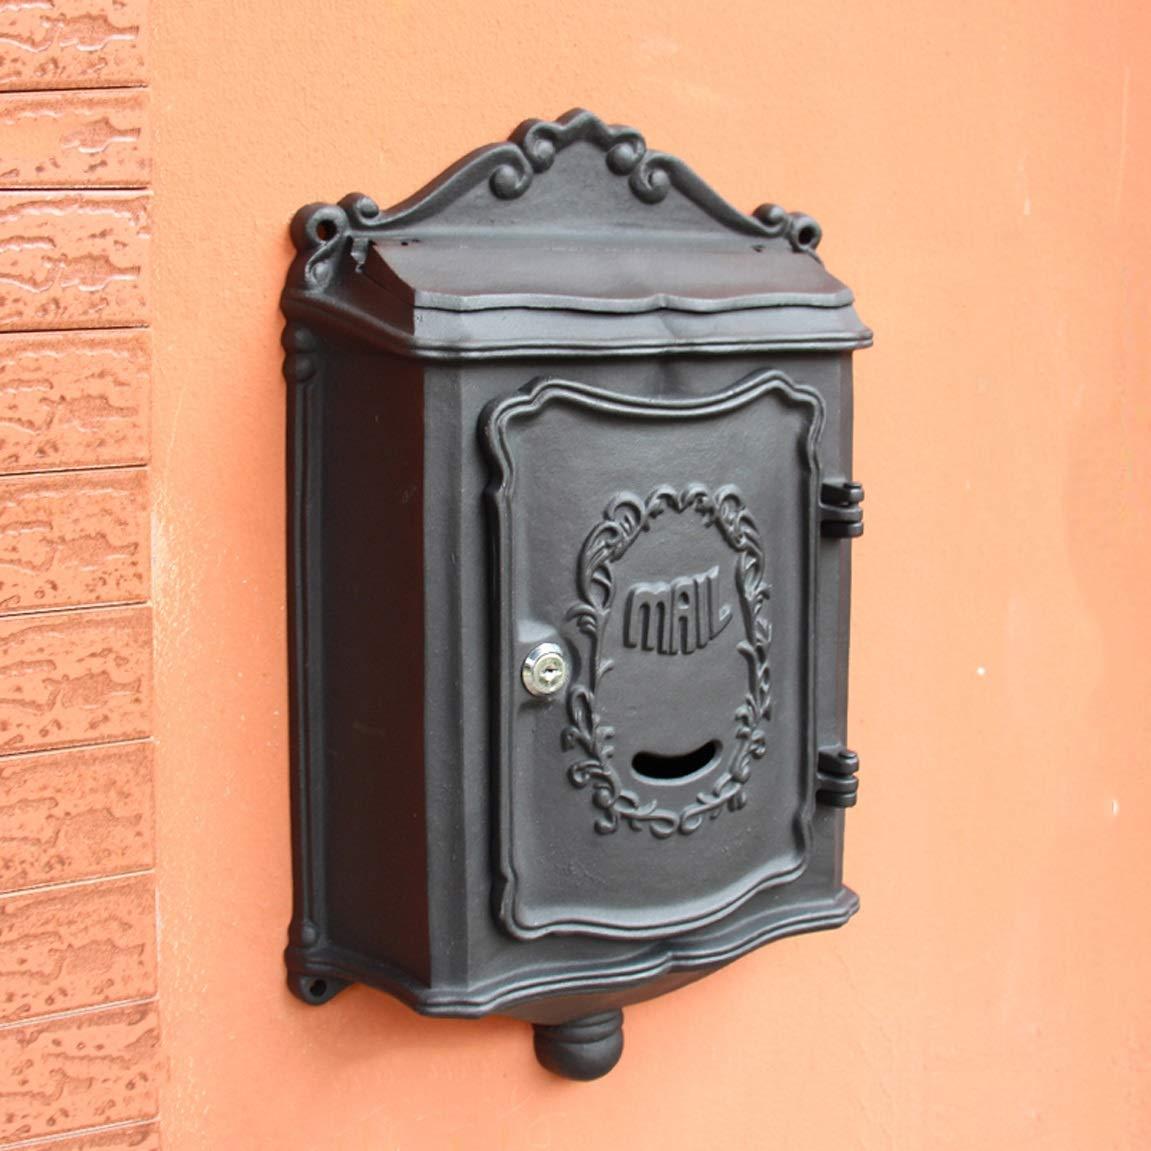 ヨーロッパのレトロな郵便箱の黒を掛ける別荘の郵便箱の屋外の壁 屋外セキュリティメールボックス   B07SB1J182